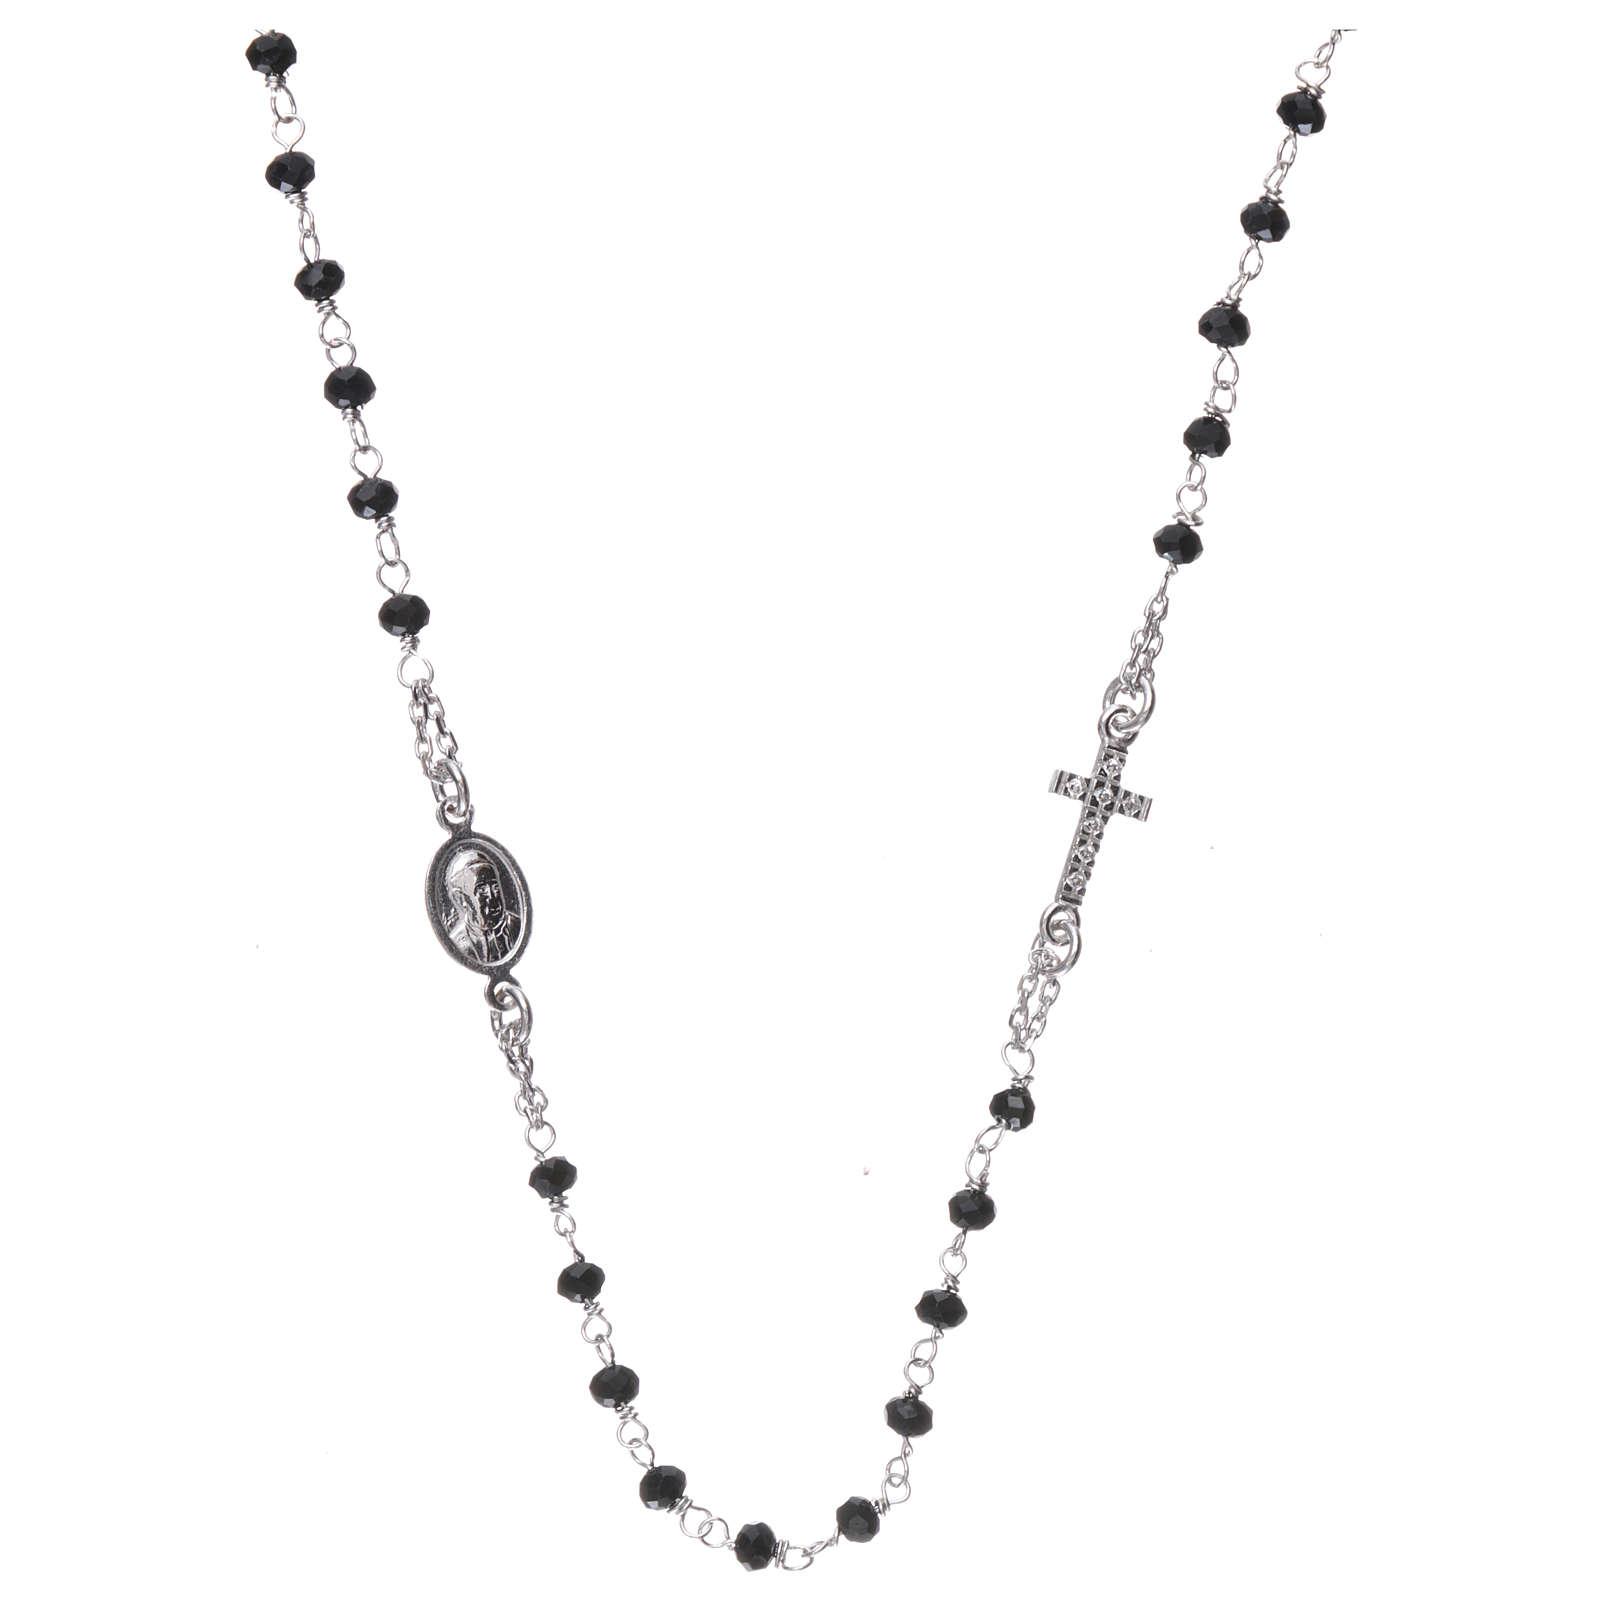 Naszyjnik różaniec na szyję AMEN pave kryształki czarne srebro 925 Rodio 4